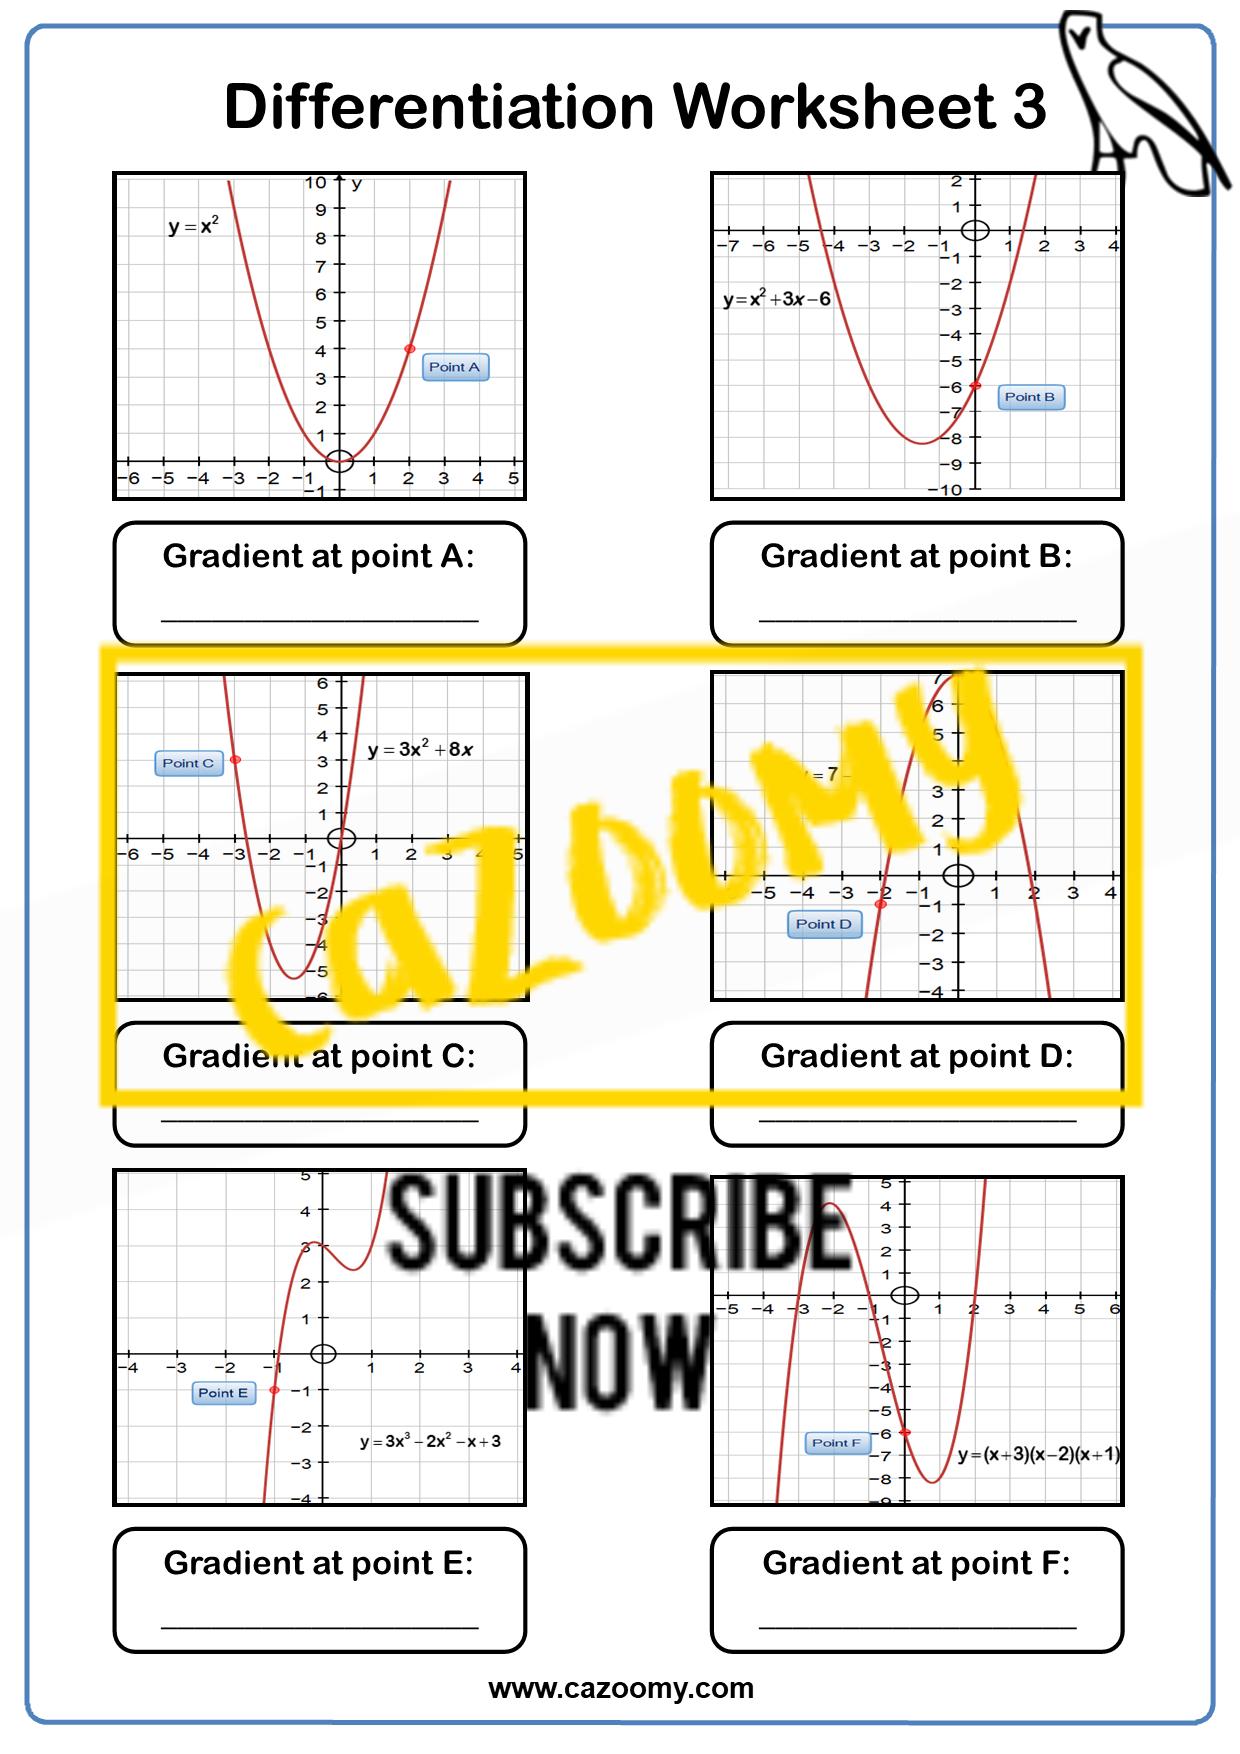 Differentiation Worksheet 3